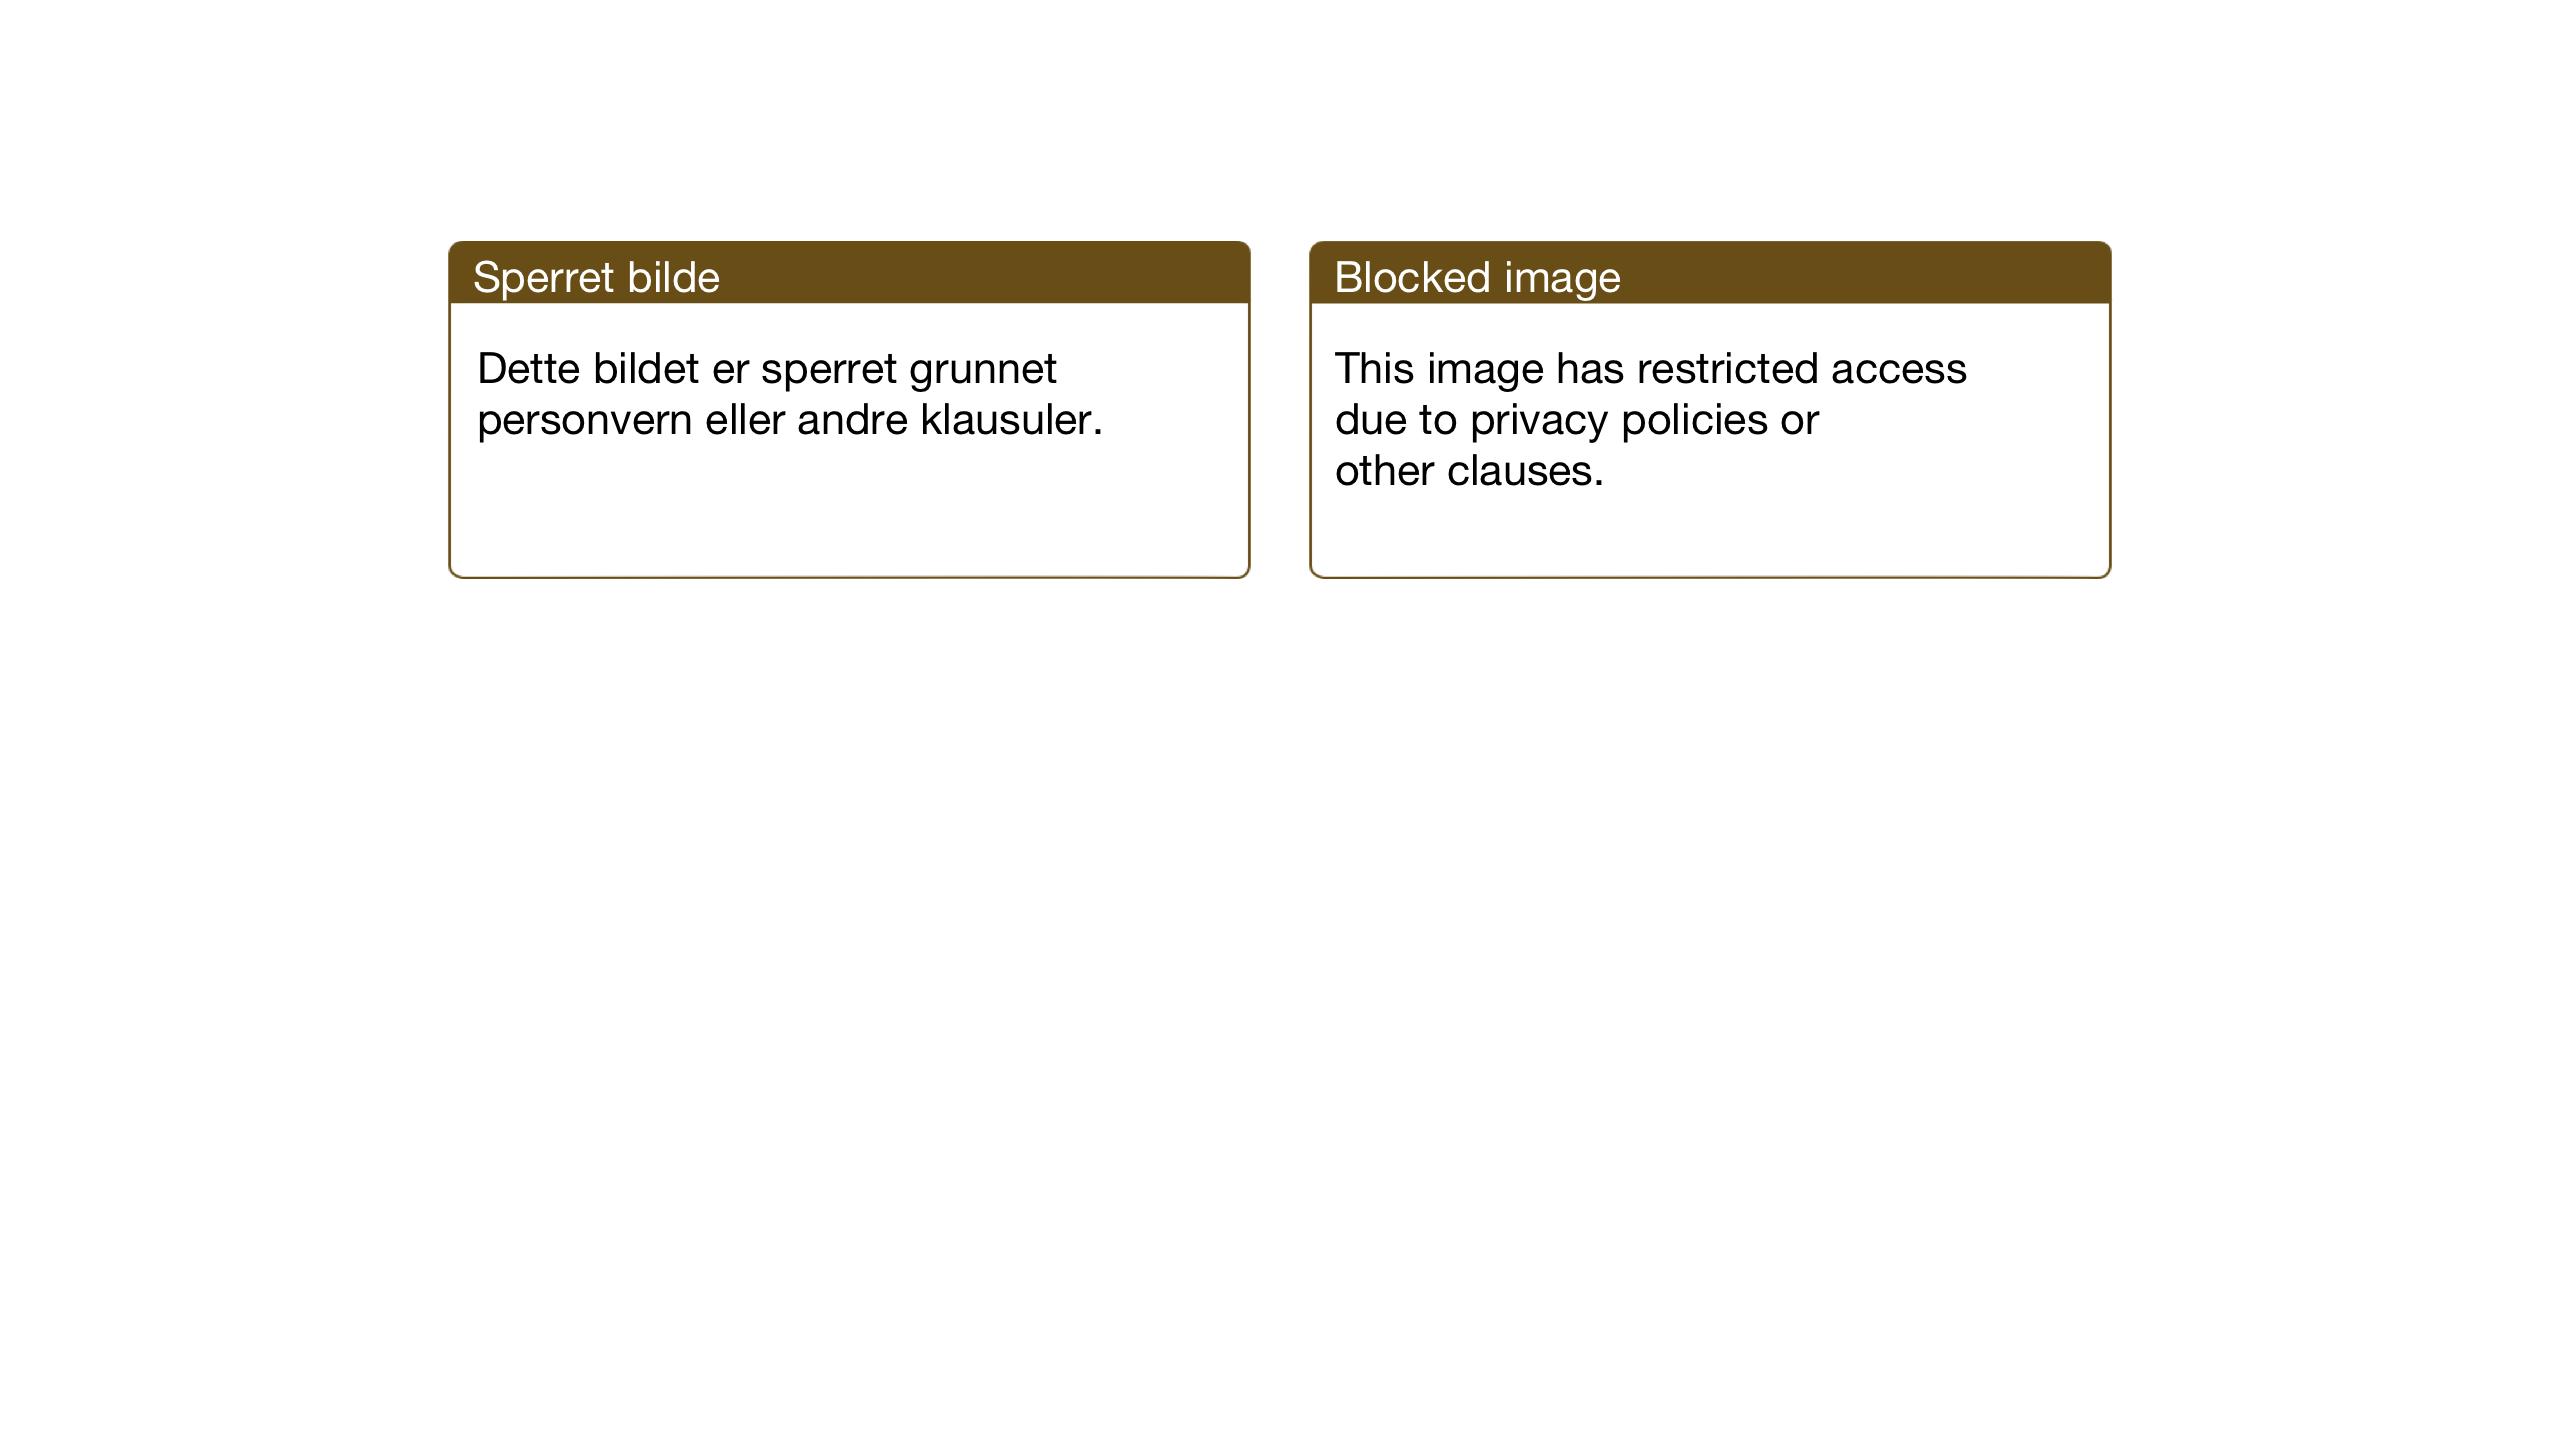 SAT, Ministerialprotokoller, klokkerbøker og fødselsregistre - Sør-Trøndelag, 607/L0328: Klokkerbok nr. 607C02, 1940-1948, s. 91